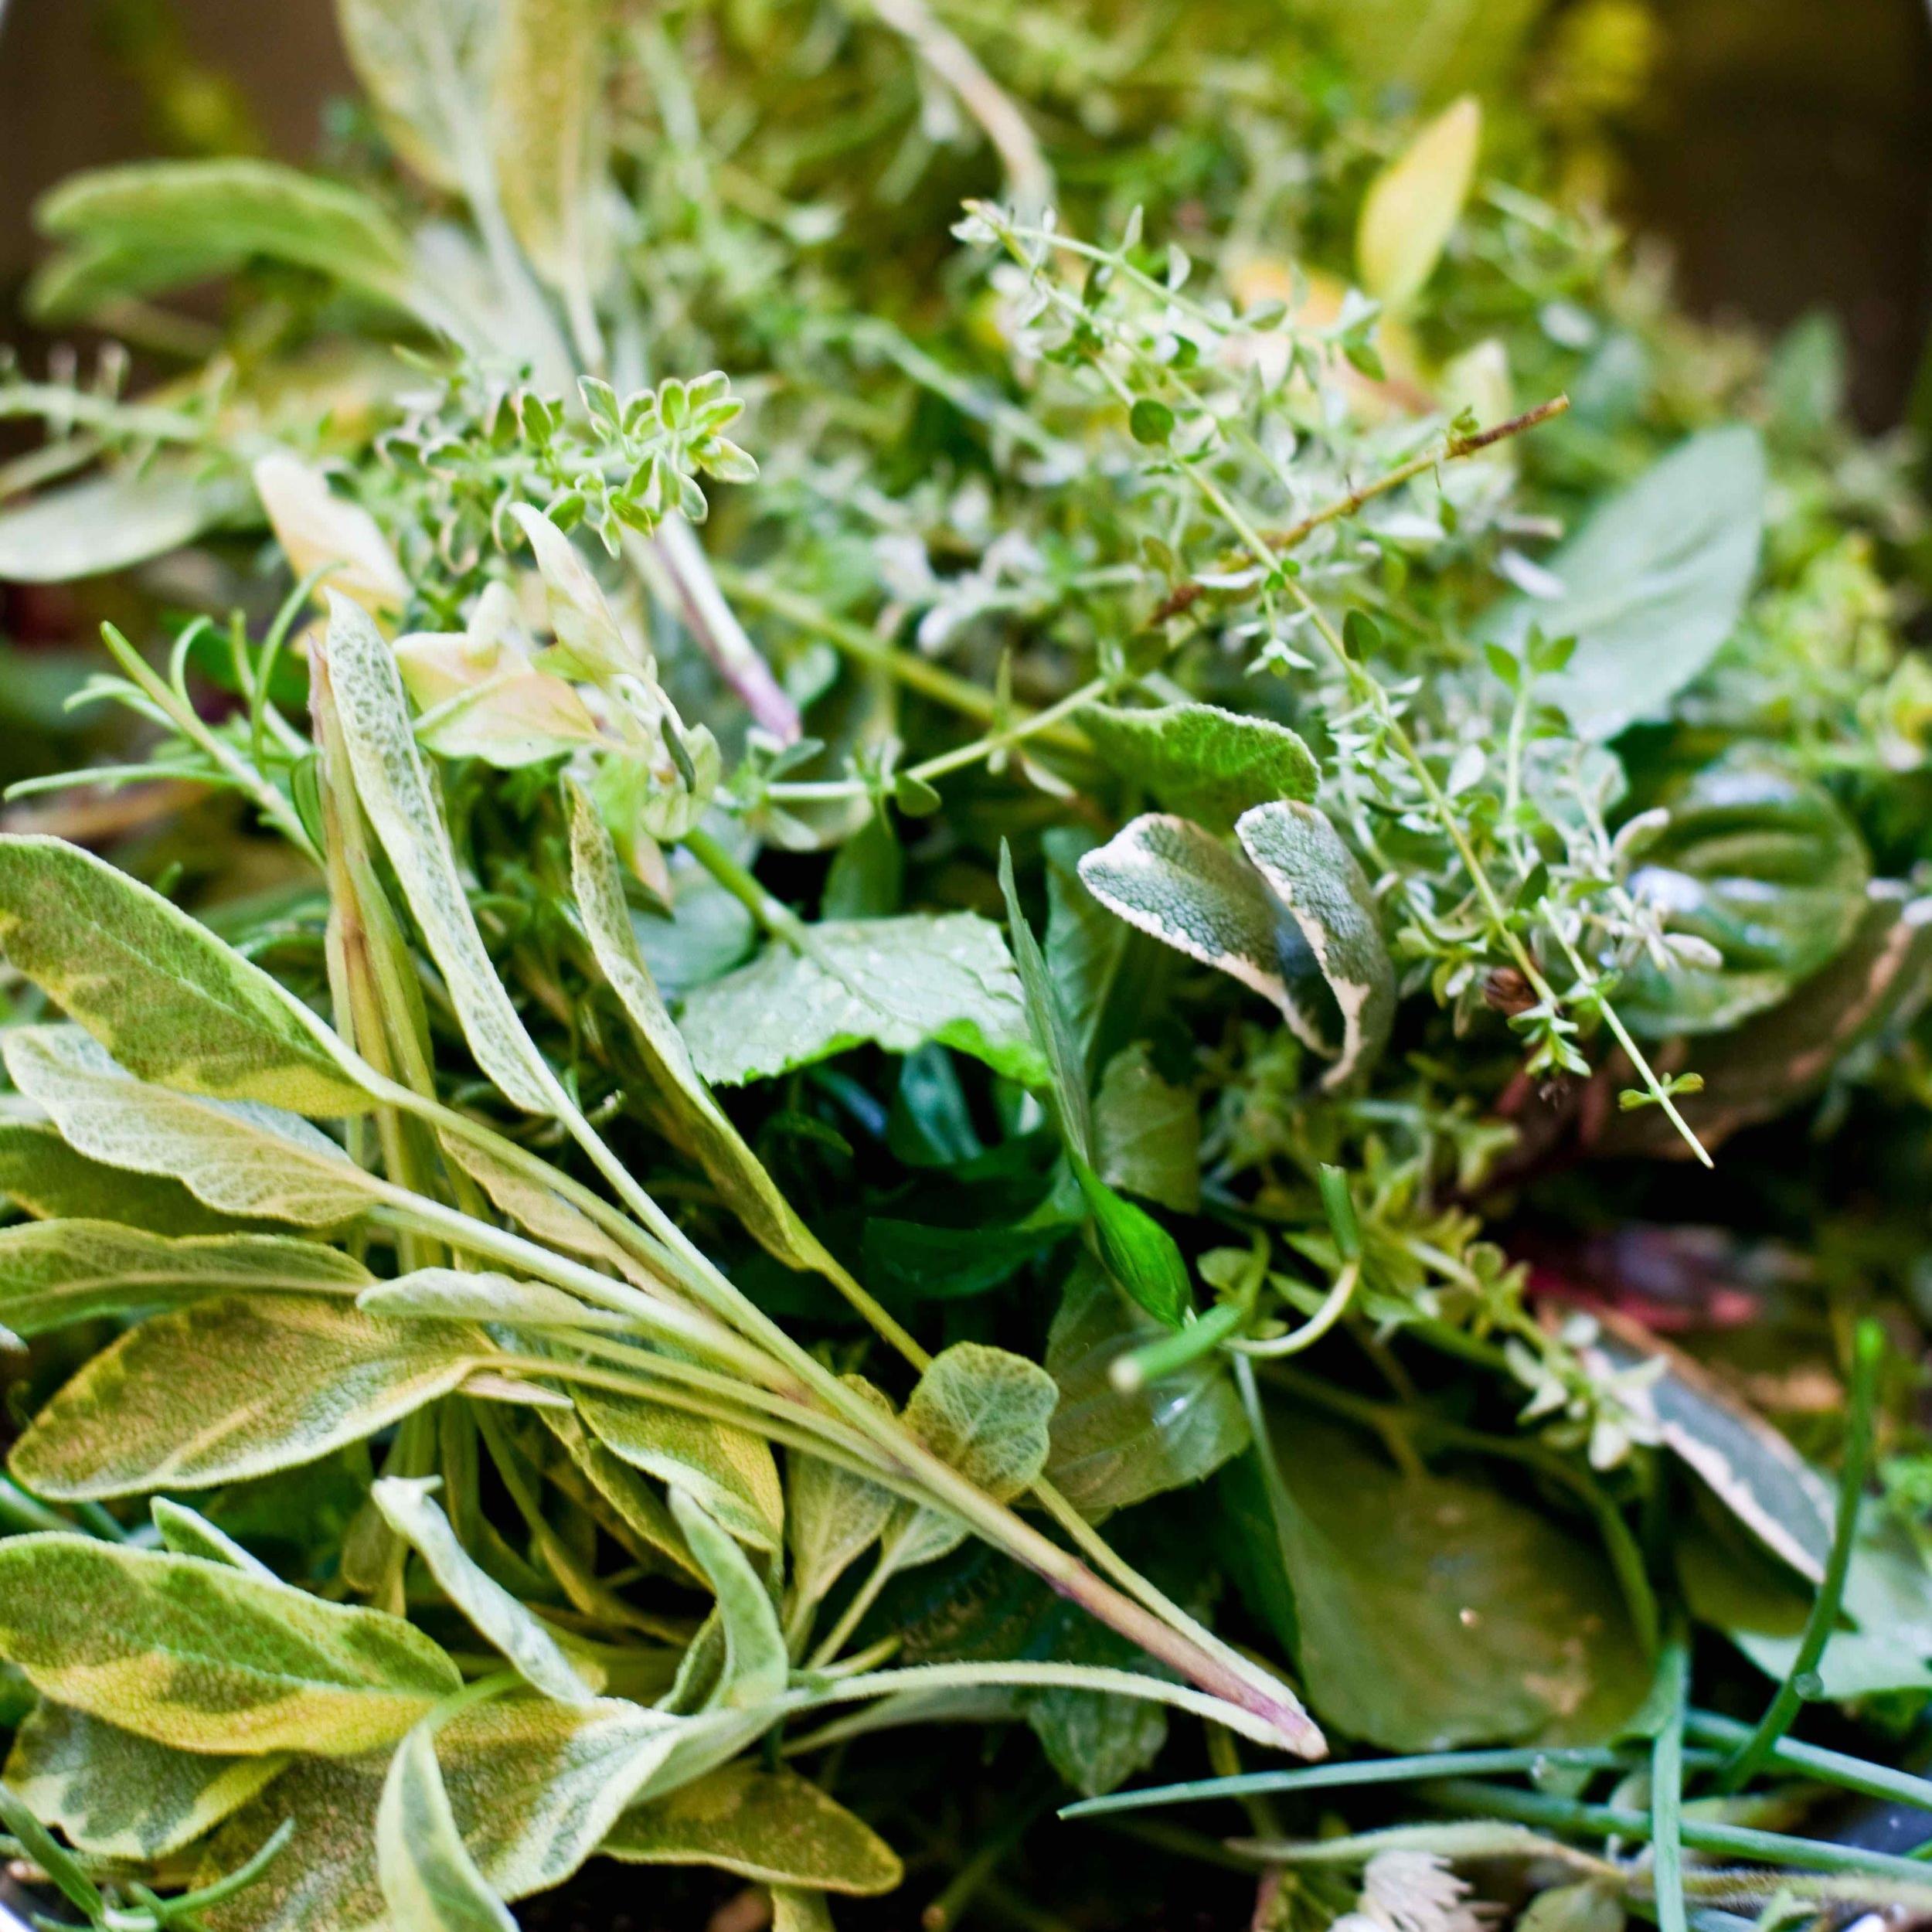 garden herbs-sara_shoot2_0163 copy.jpg